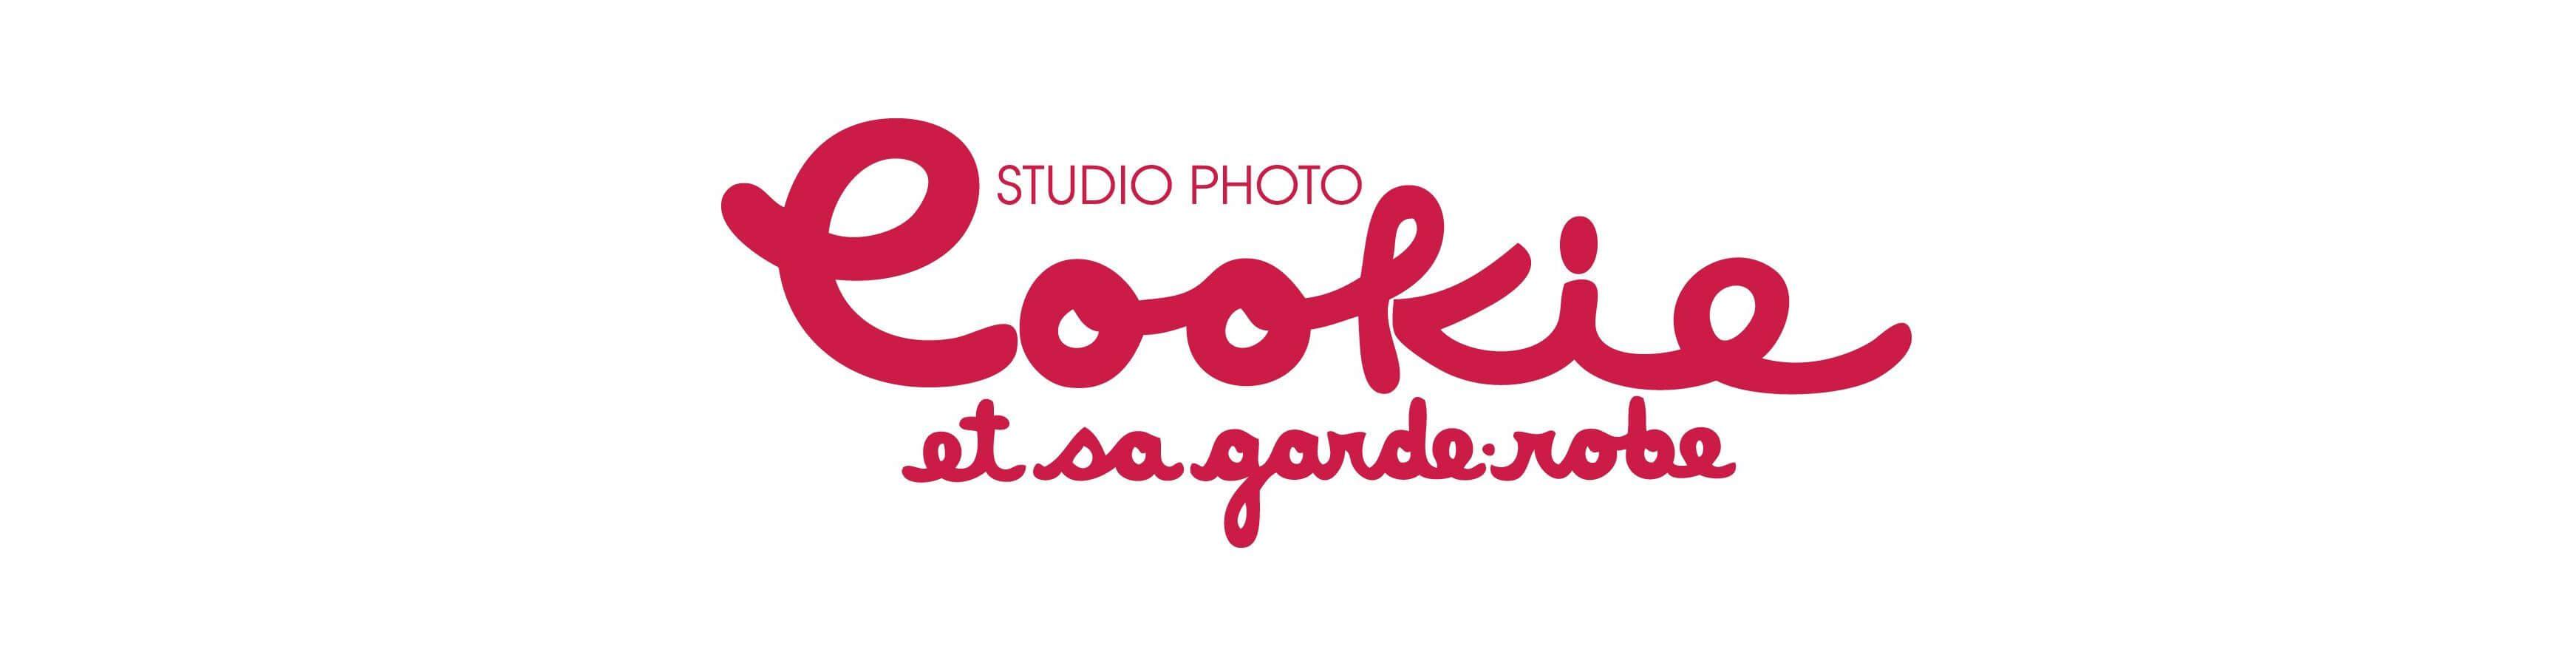 studio photo cookie